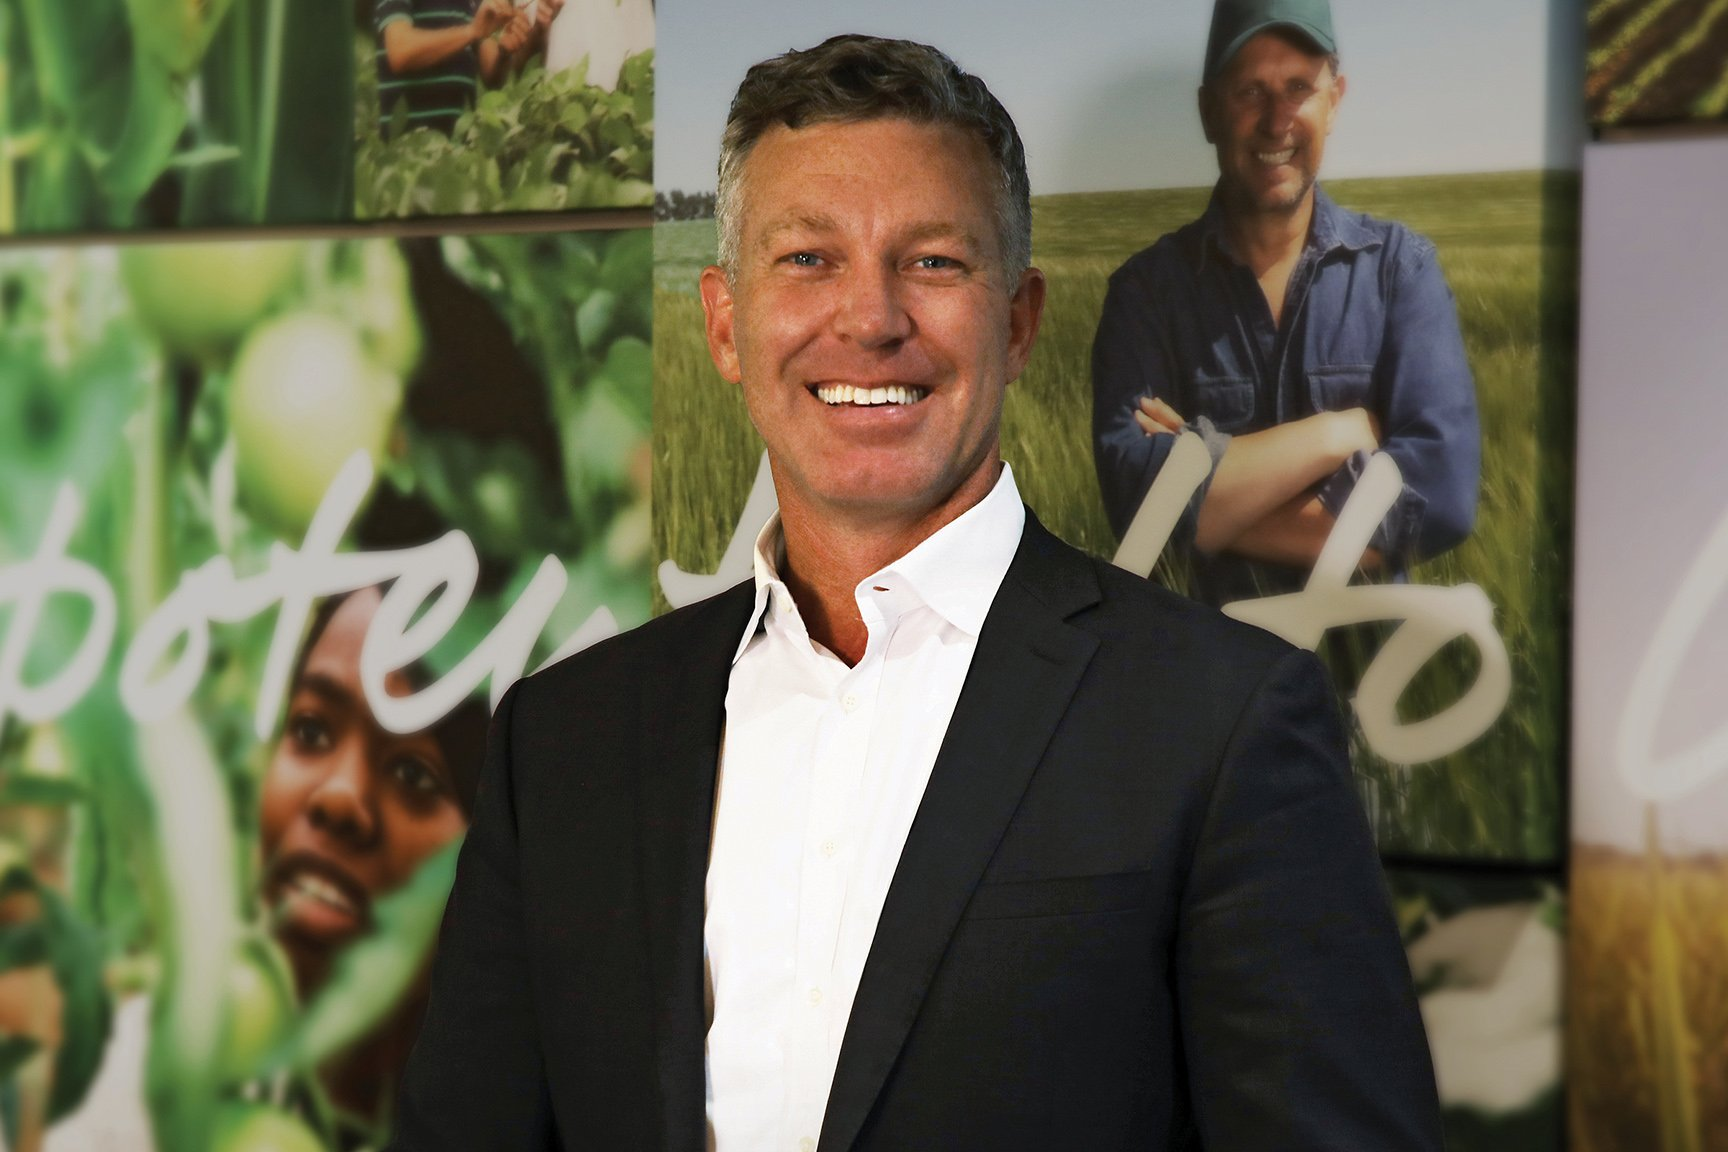 Jeff Rowe, President of Syngenta Seeds